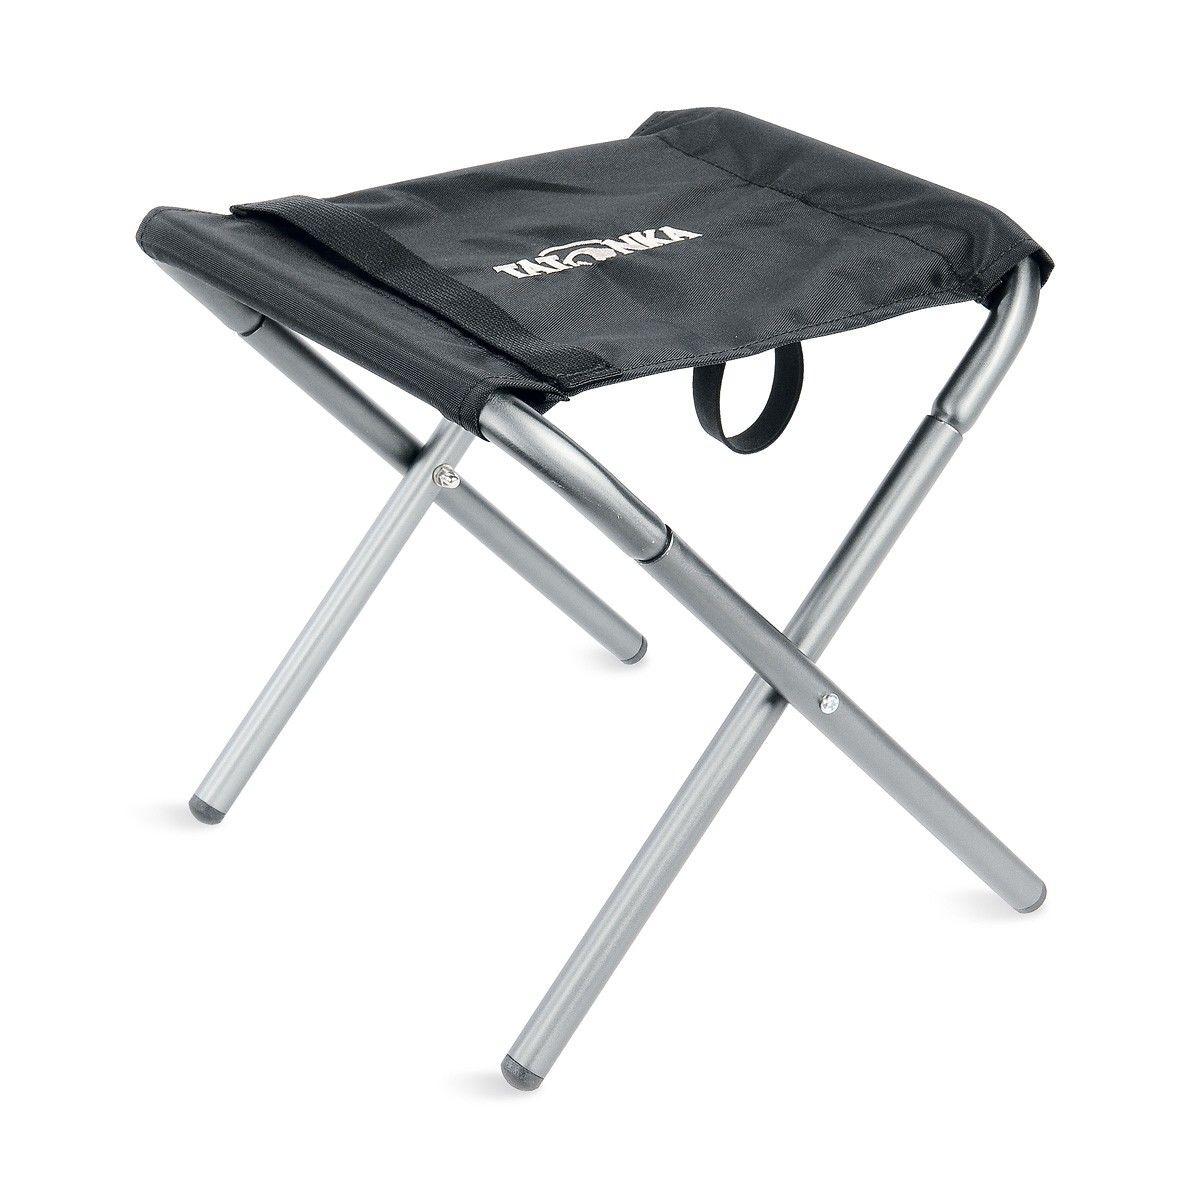 Tatonka Foldable Chair Schwarz, One Size -Farbe Black, One Size